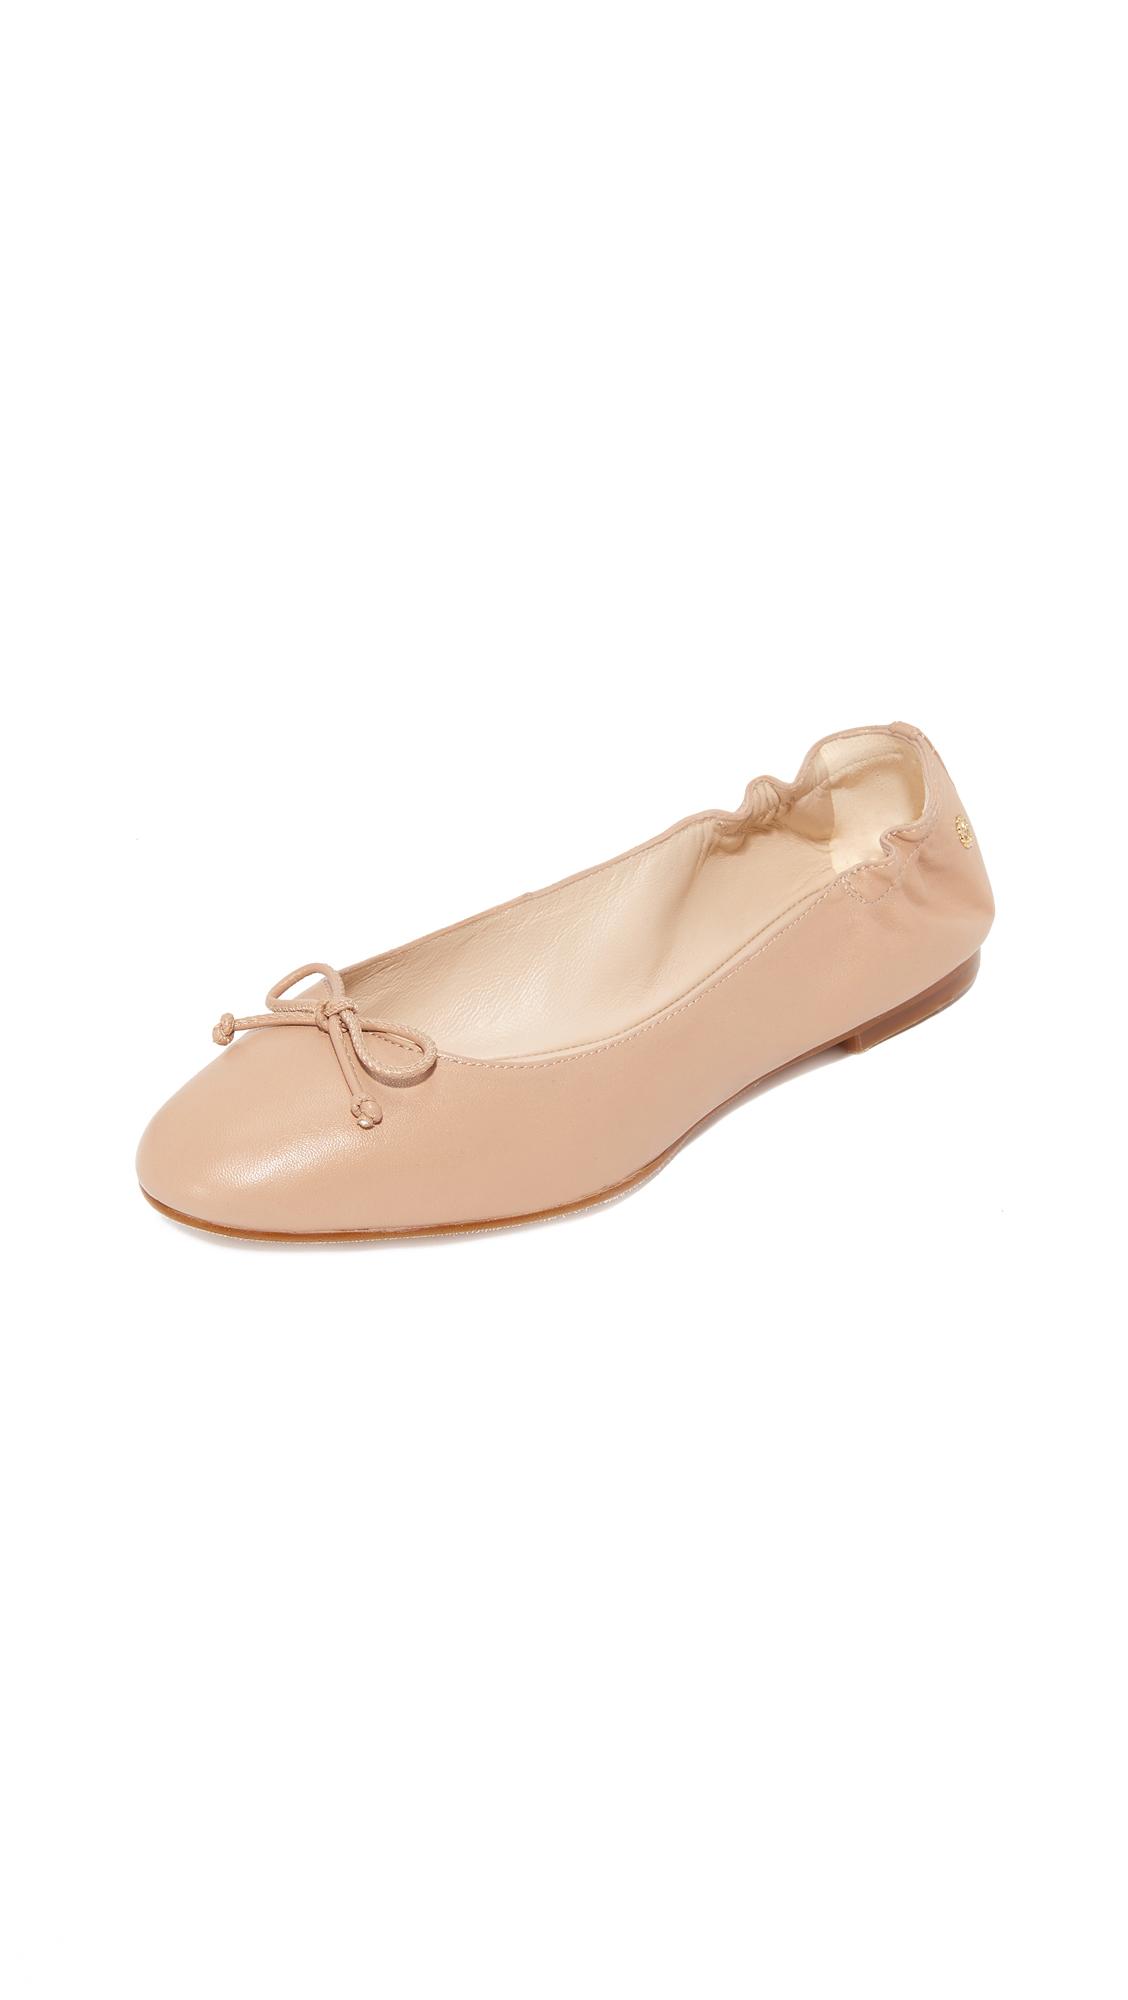 L.K. Bennett Thea Ballet Flats - Trench